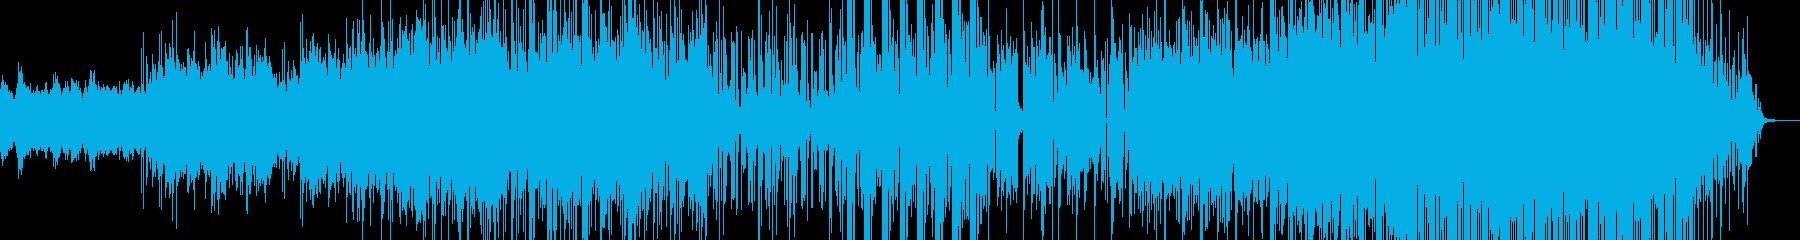 アジア系音楽ーChinese teaの再生済みの波形